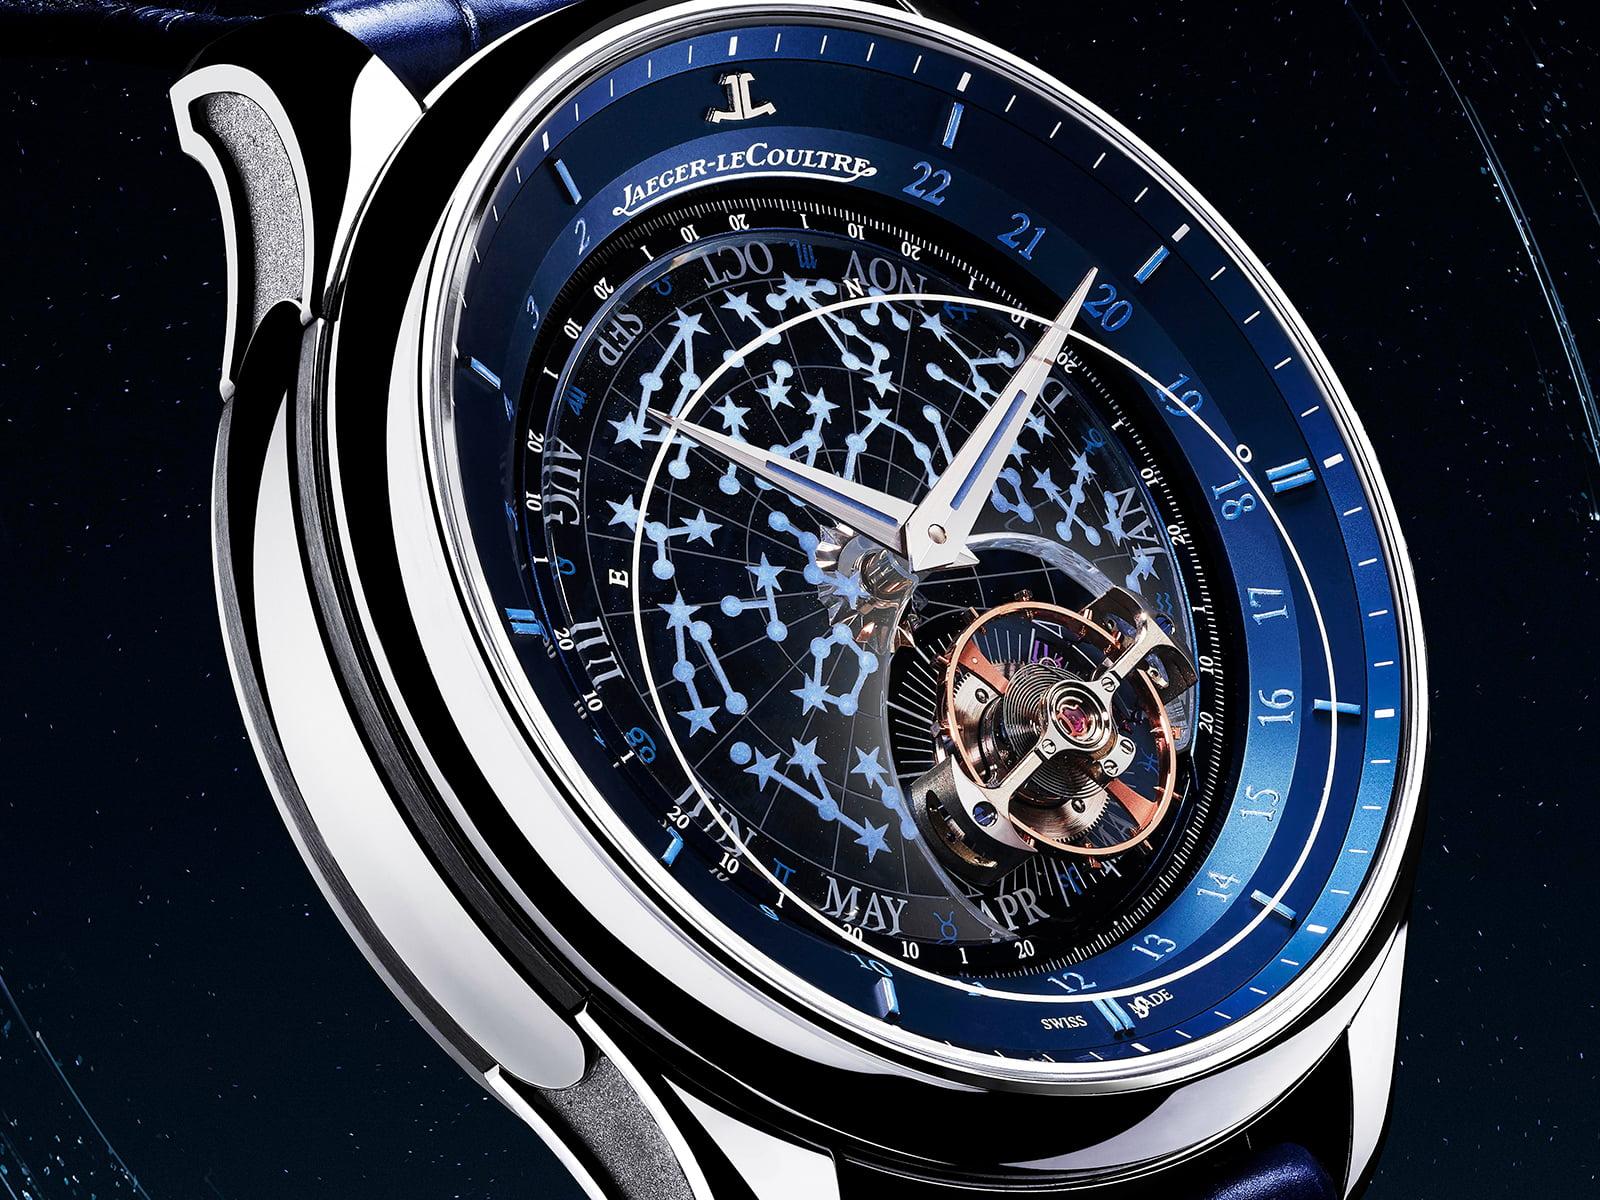 q5273480-jaeger-lecoultre-master-grande-tradition-tourbillon-celeste-2.jpg